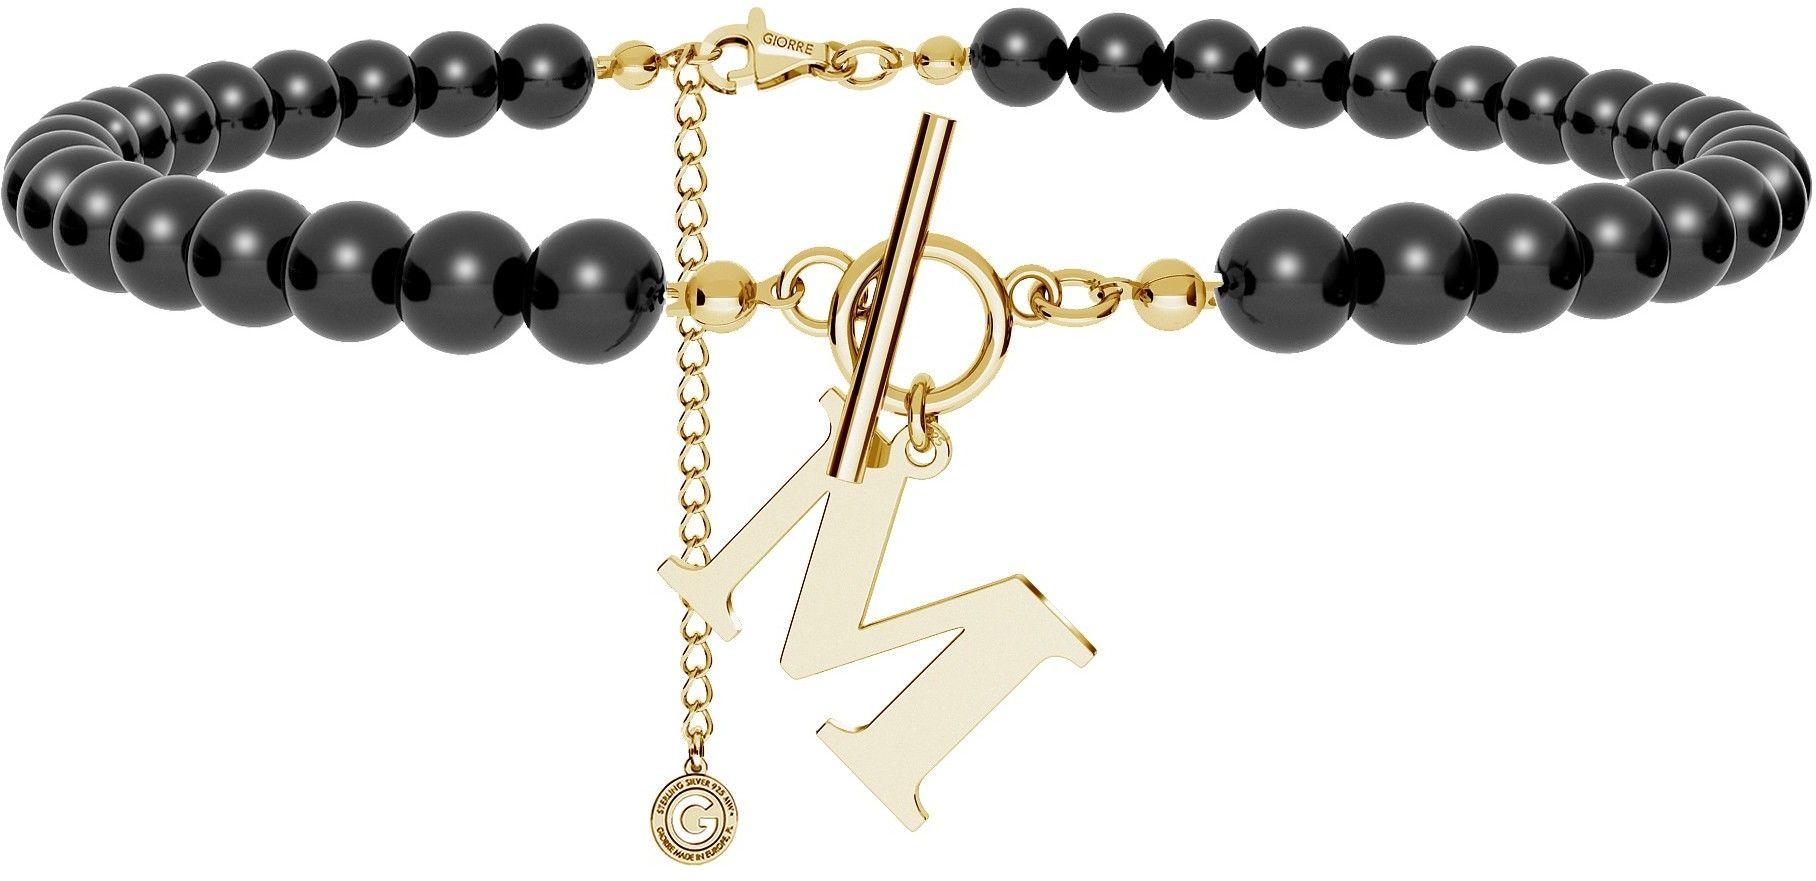 Czarny perłowy choker z dowolną literą, Swarovski, srebro 925 : Litera - L, Srebro - kolor pokrycia - Pokrycie platyną